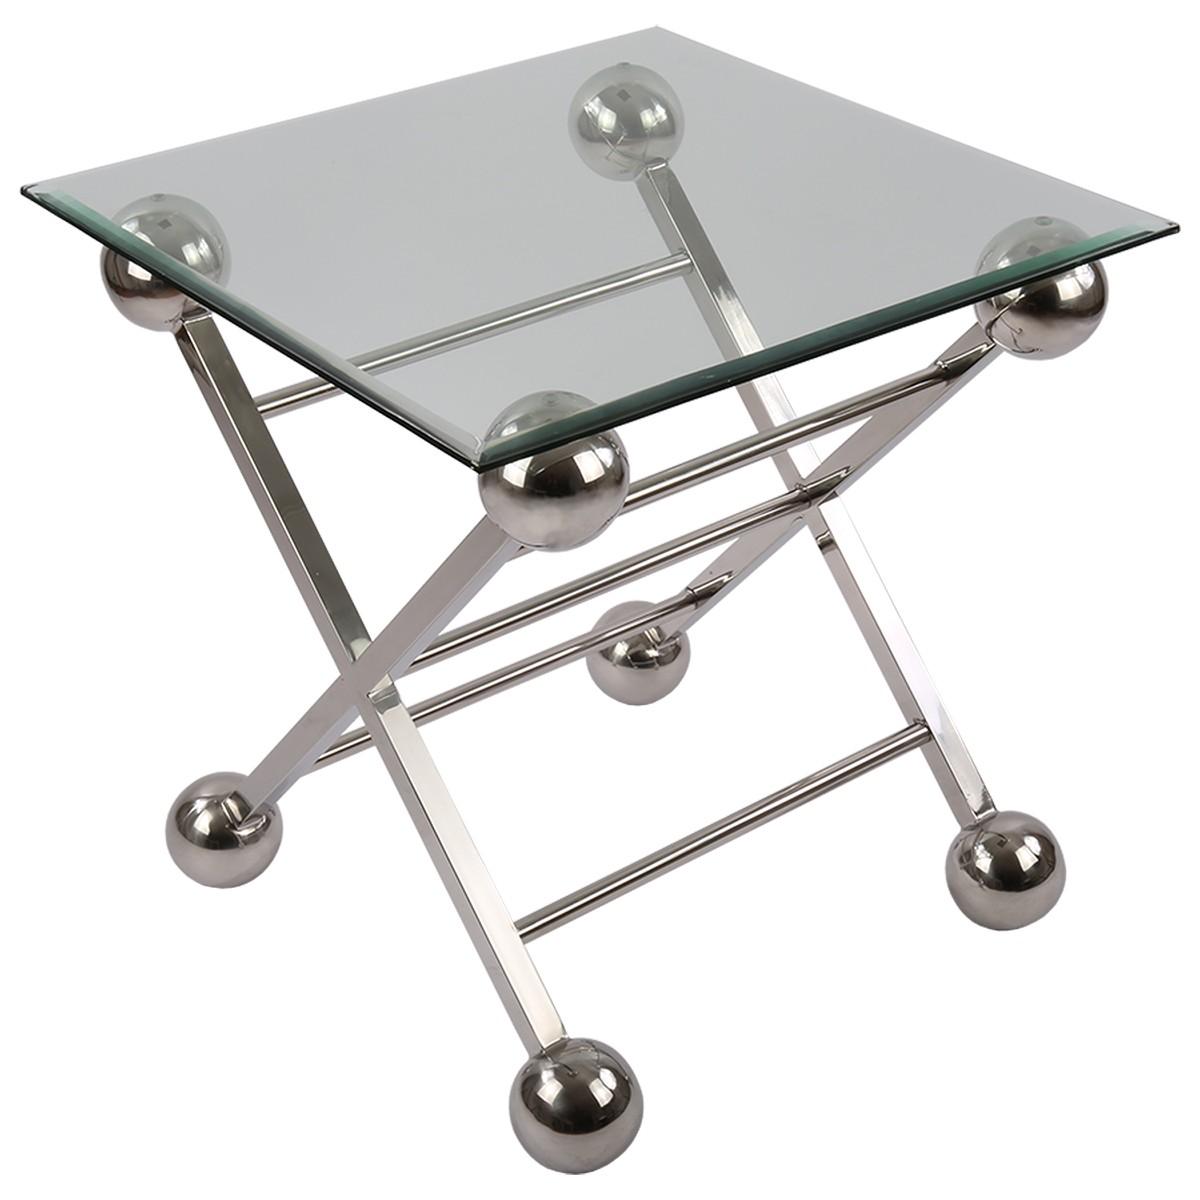 Beistelltisch glas metall tisch glas verchromt metall for Beistelltisch glas metall